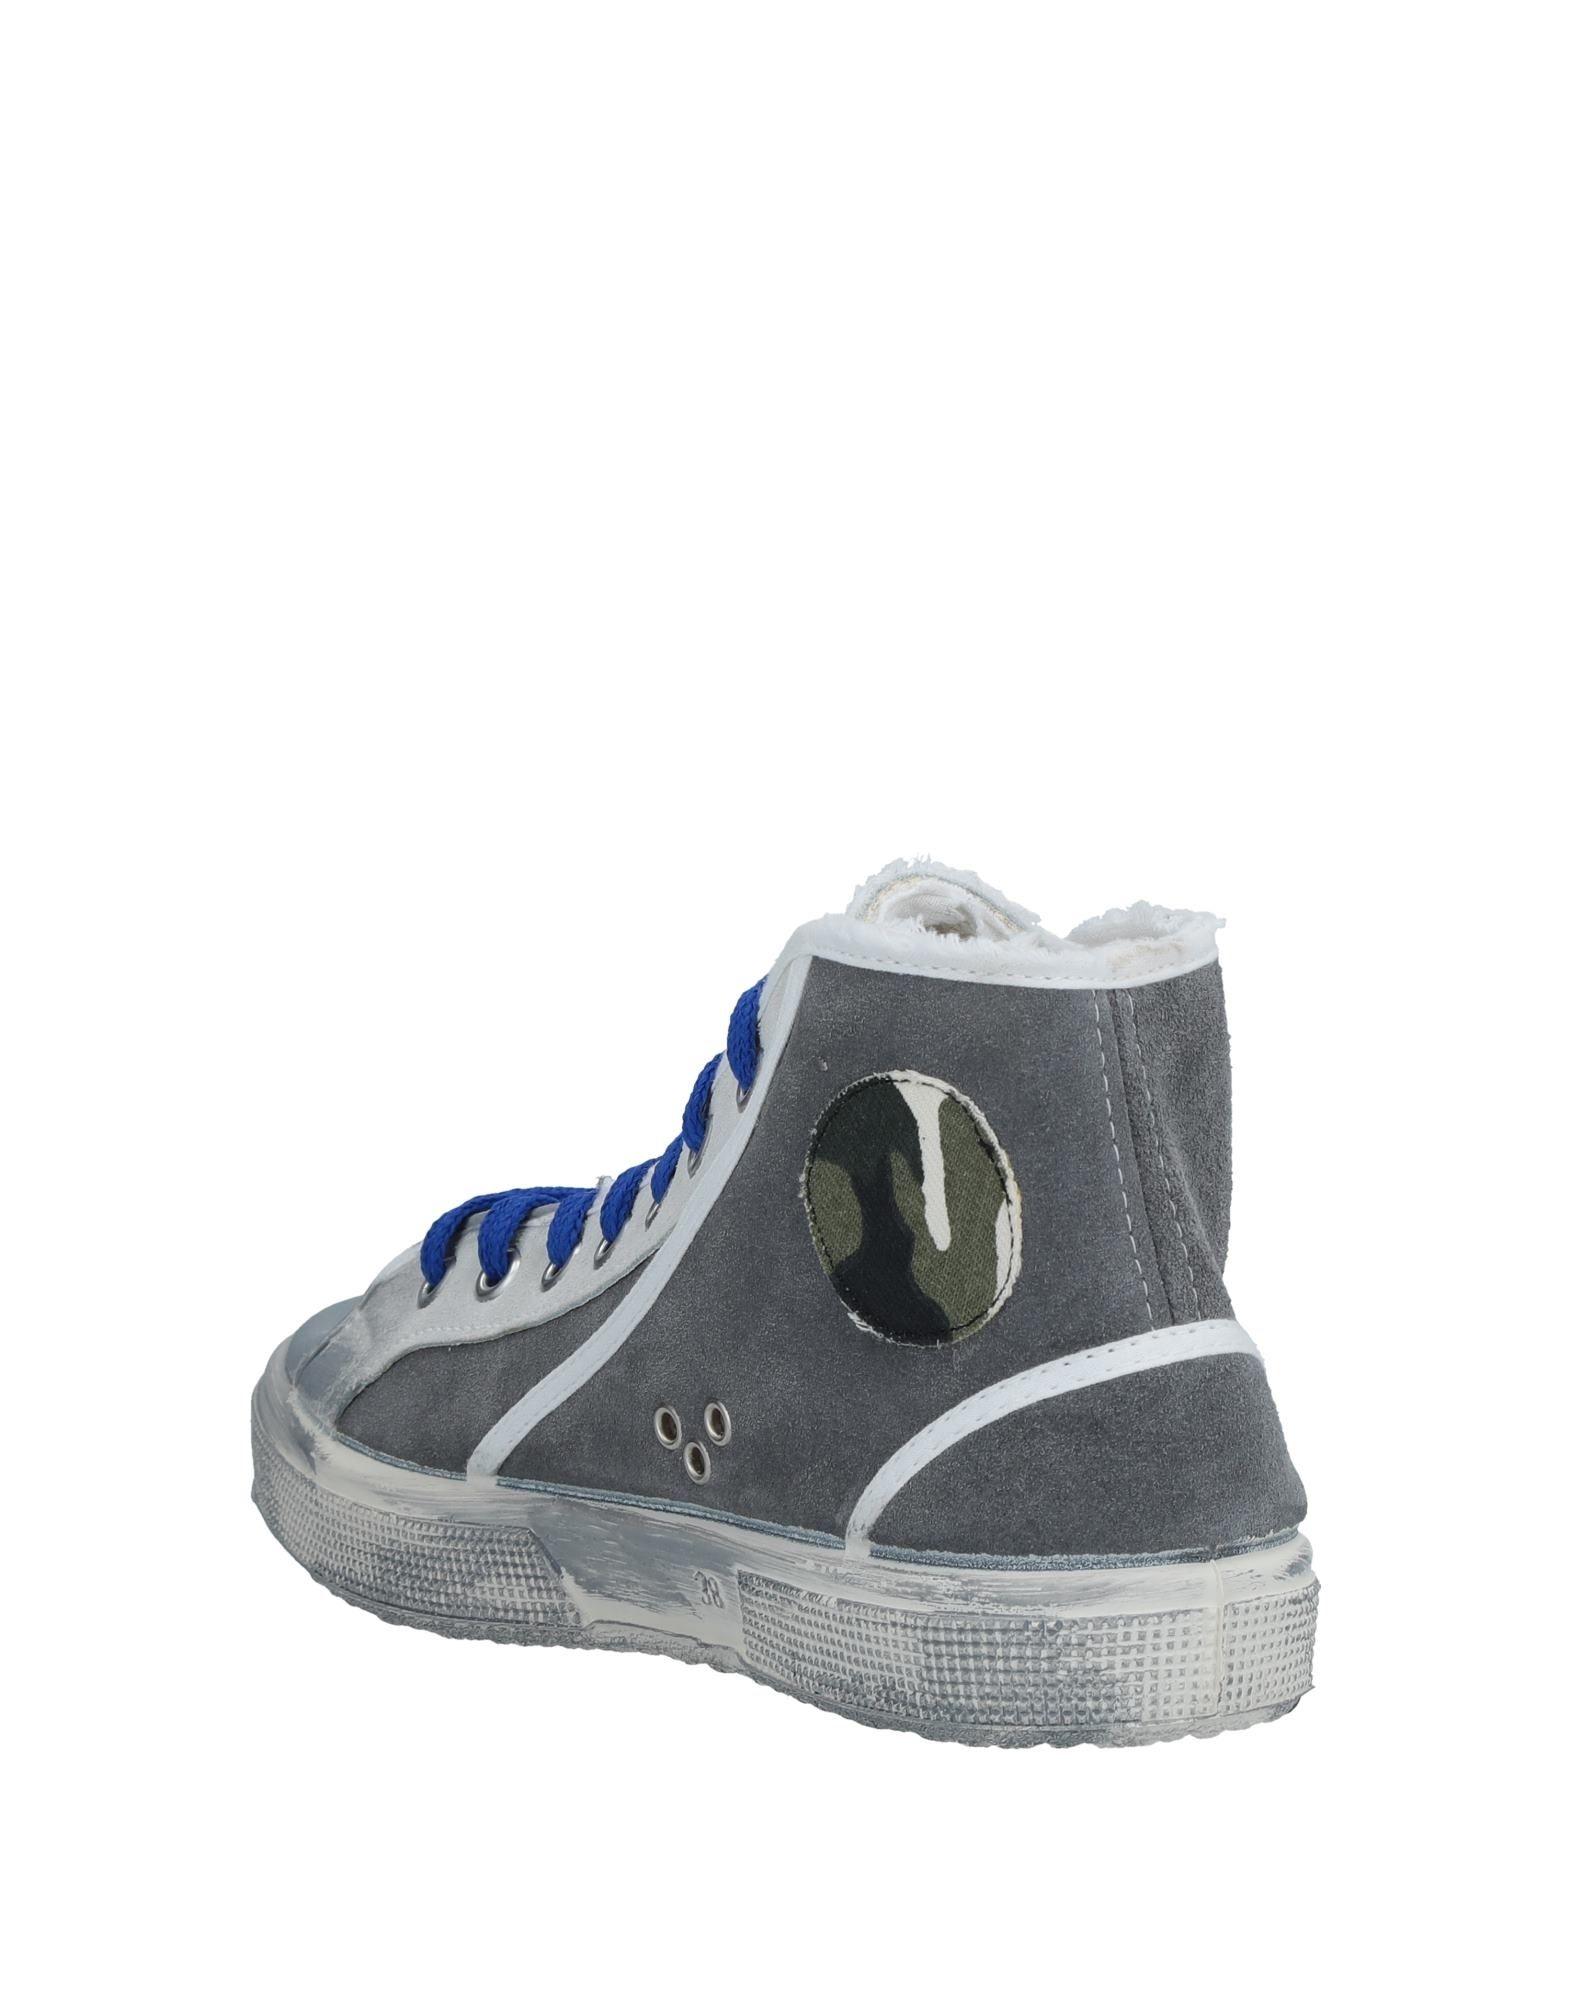 Sneeky Sneaker Sneakers Damen Damen Sneakers  11497547TO 3df2f3